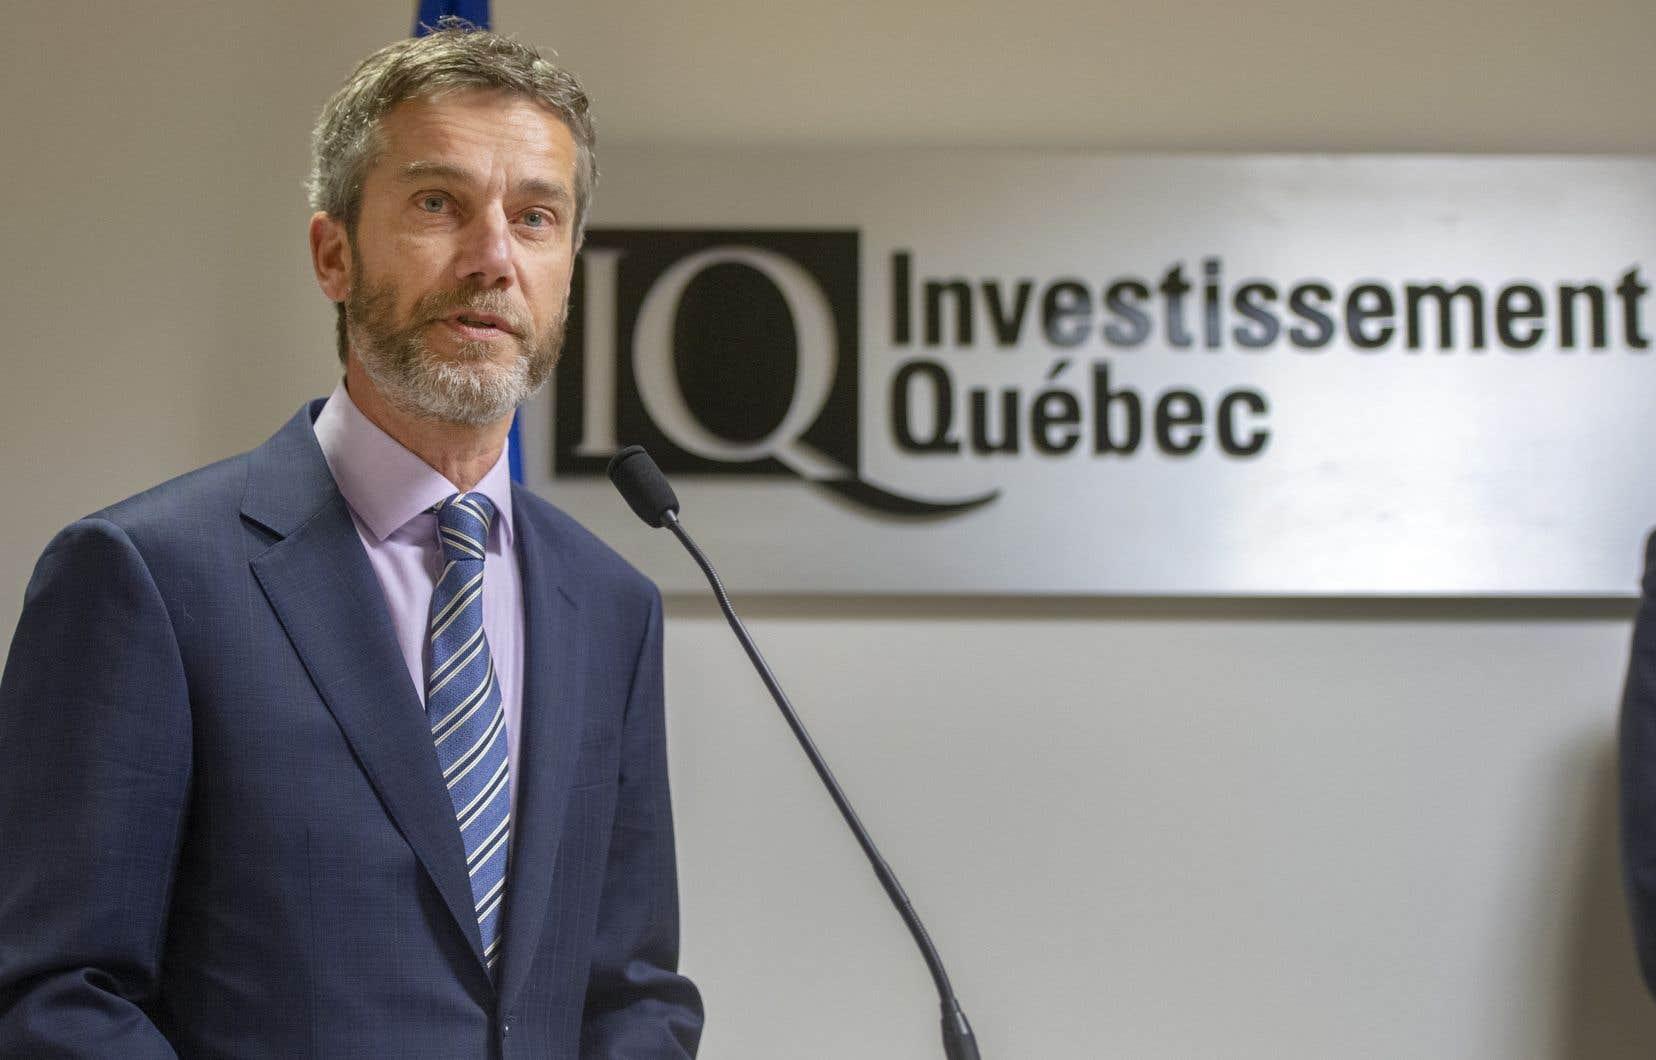 Le nouveau p.-d.g. d'Investissement Québec, Guy LeBlanc